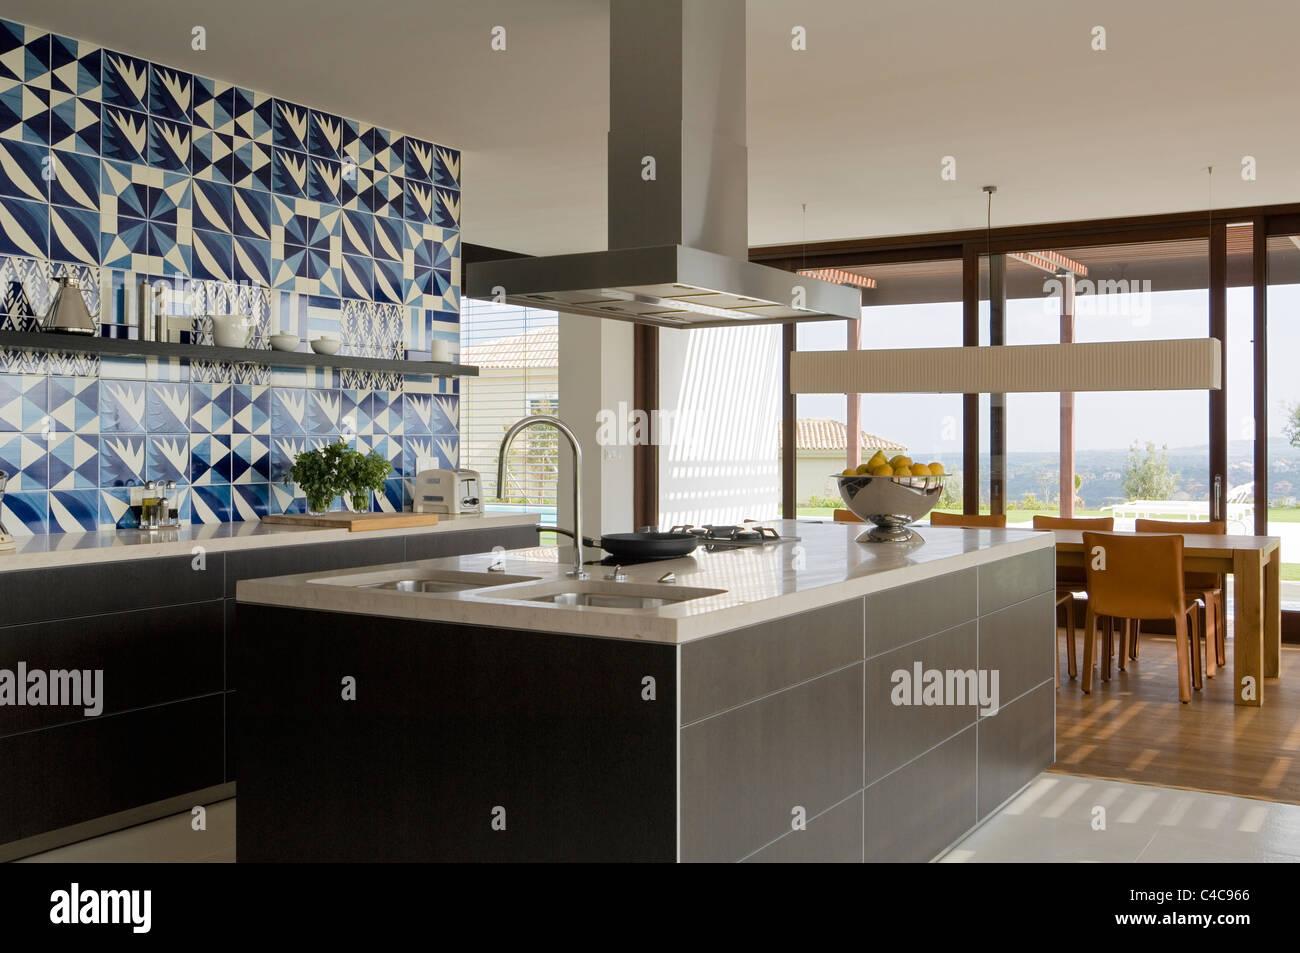 Vista Em Toda A Cozinha Moderna Bulthaup Com Bancada Em Pedra Bihara